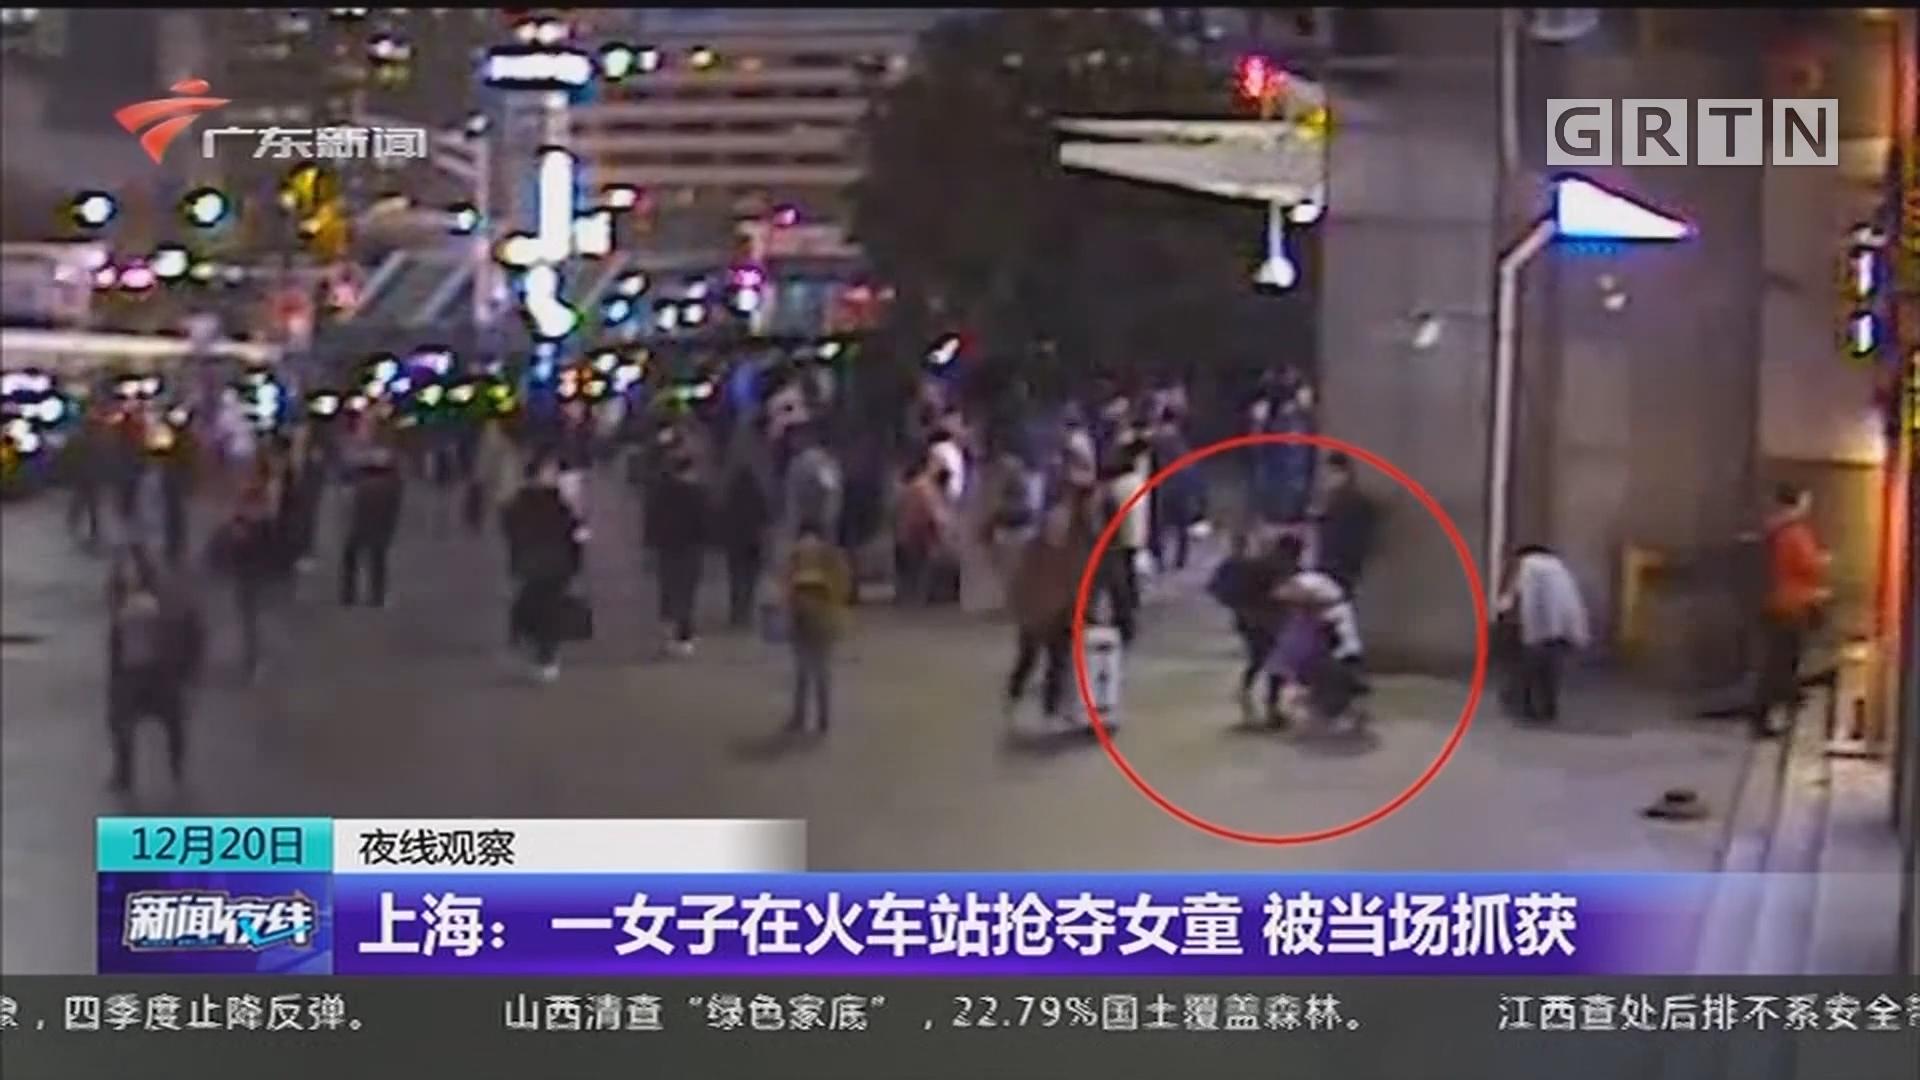 上海:一女子在火车站抢夺女童 被当场抓获